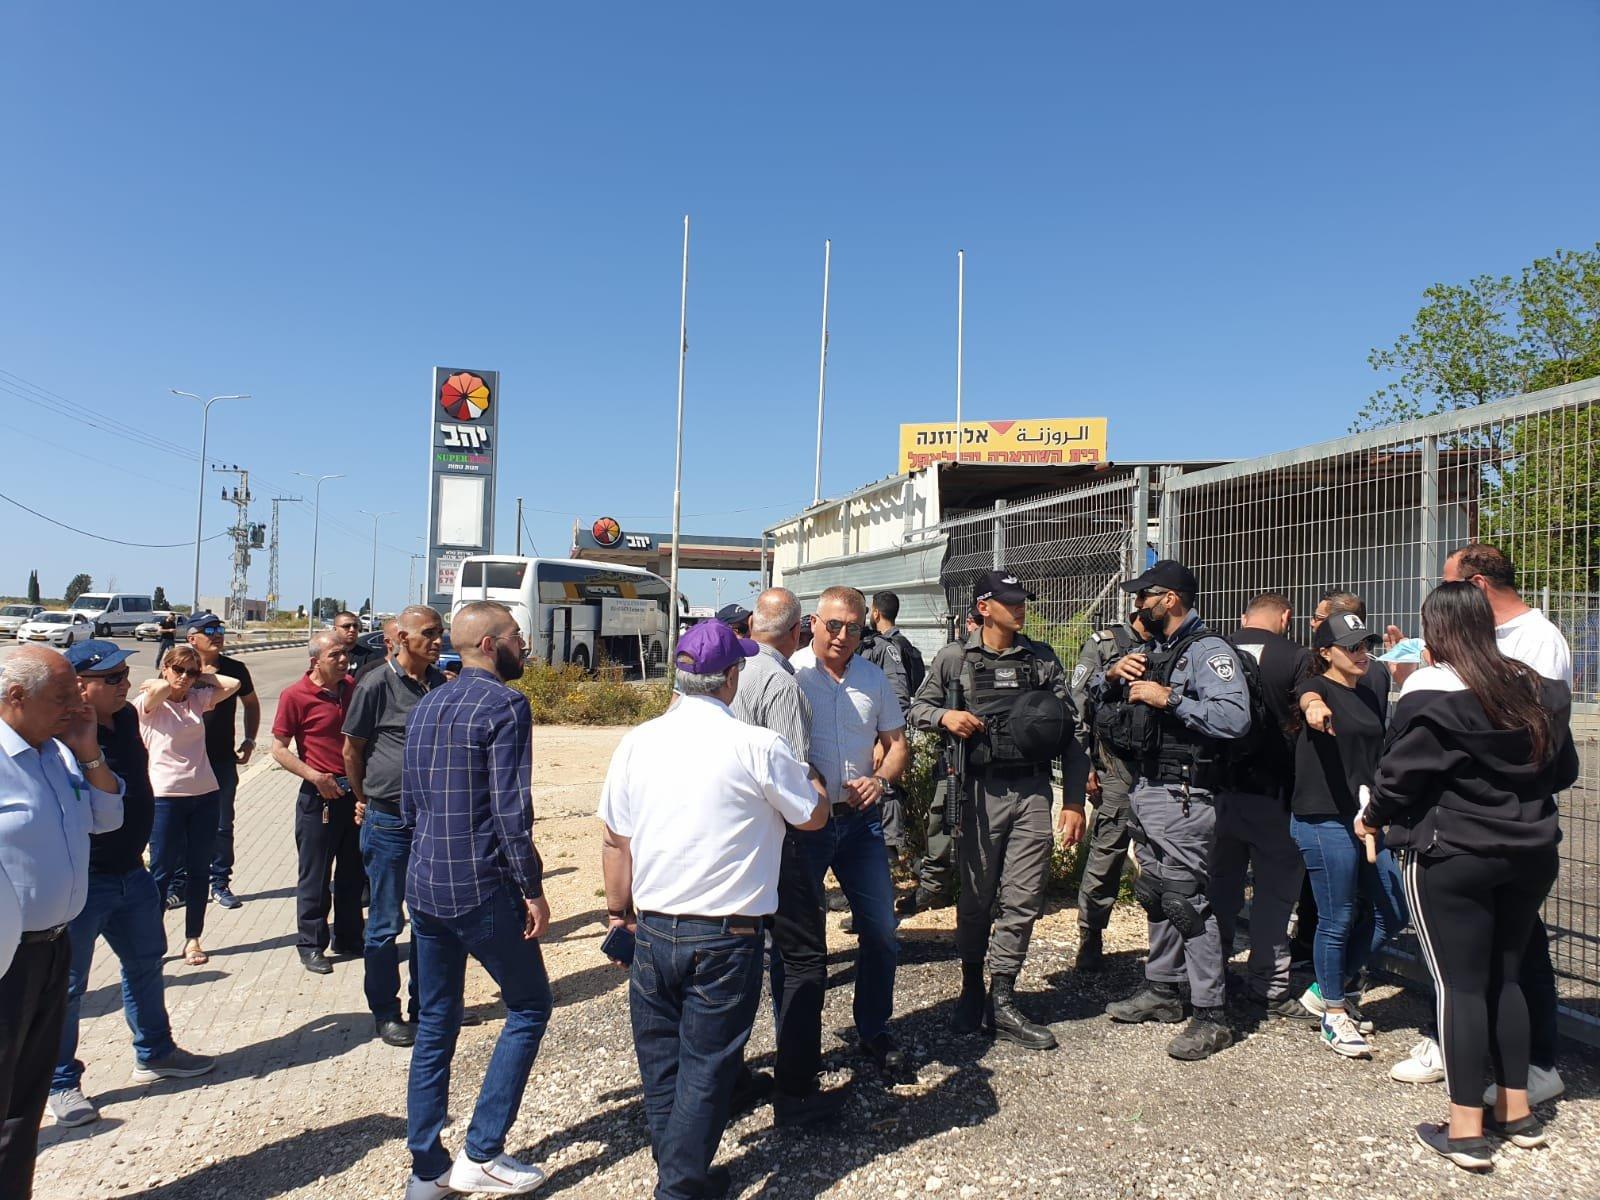 اعتقالات في مظاهرة ضد مصادرة اراضي في الجديدة- المكر-2